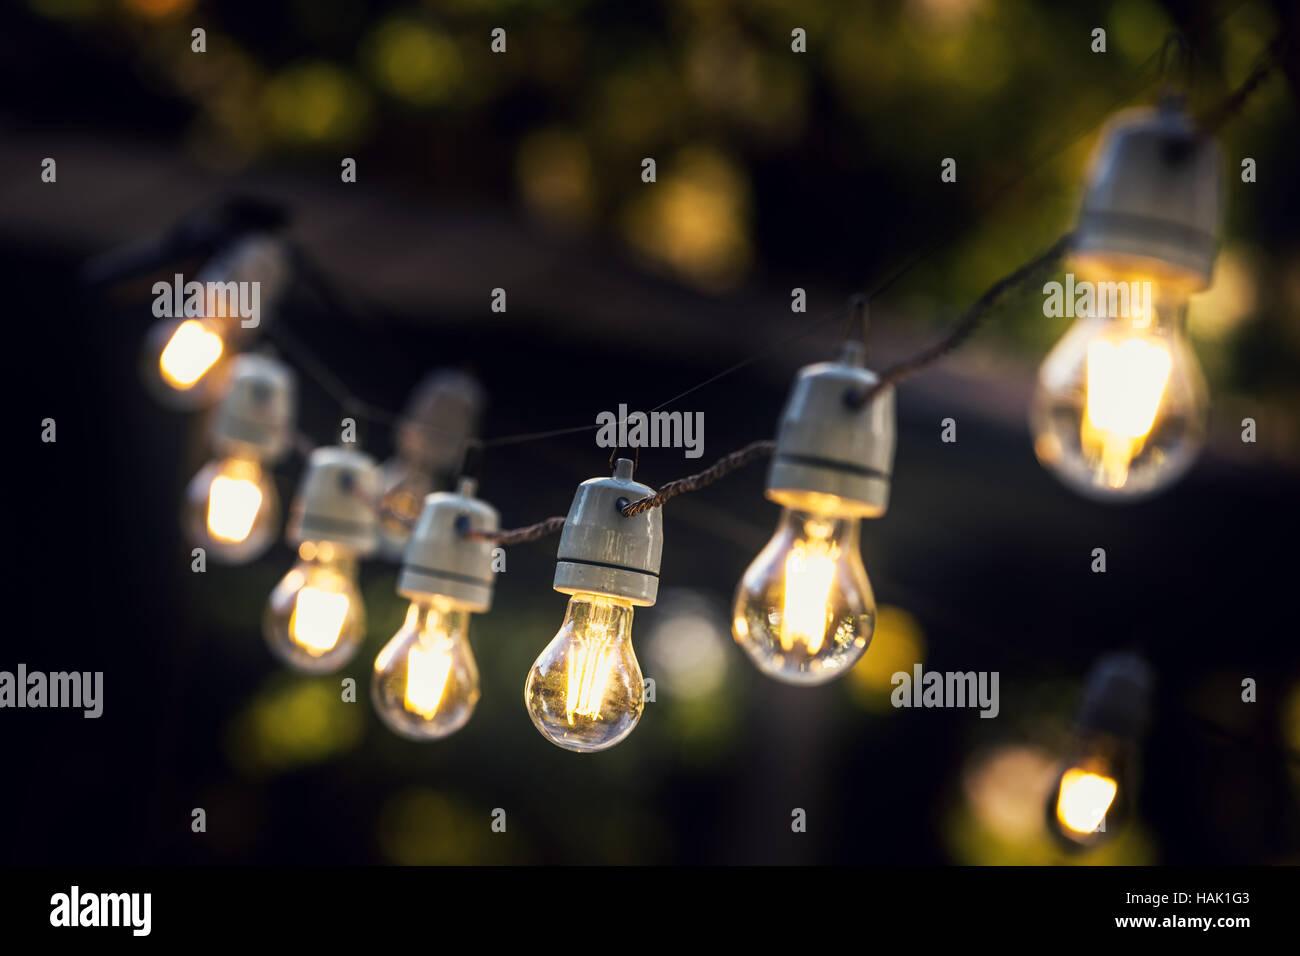 Parte de luces de cadena colgando en una línea Imagen De Stock